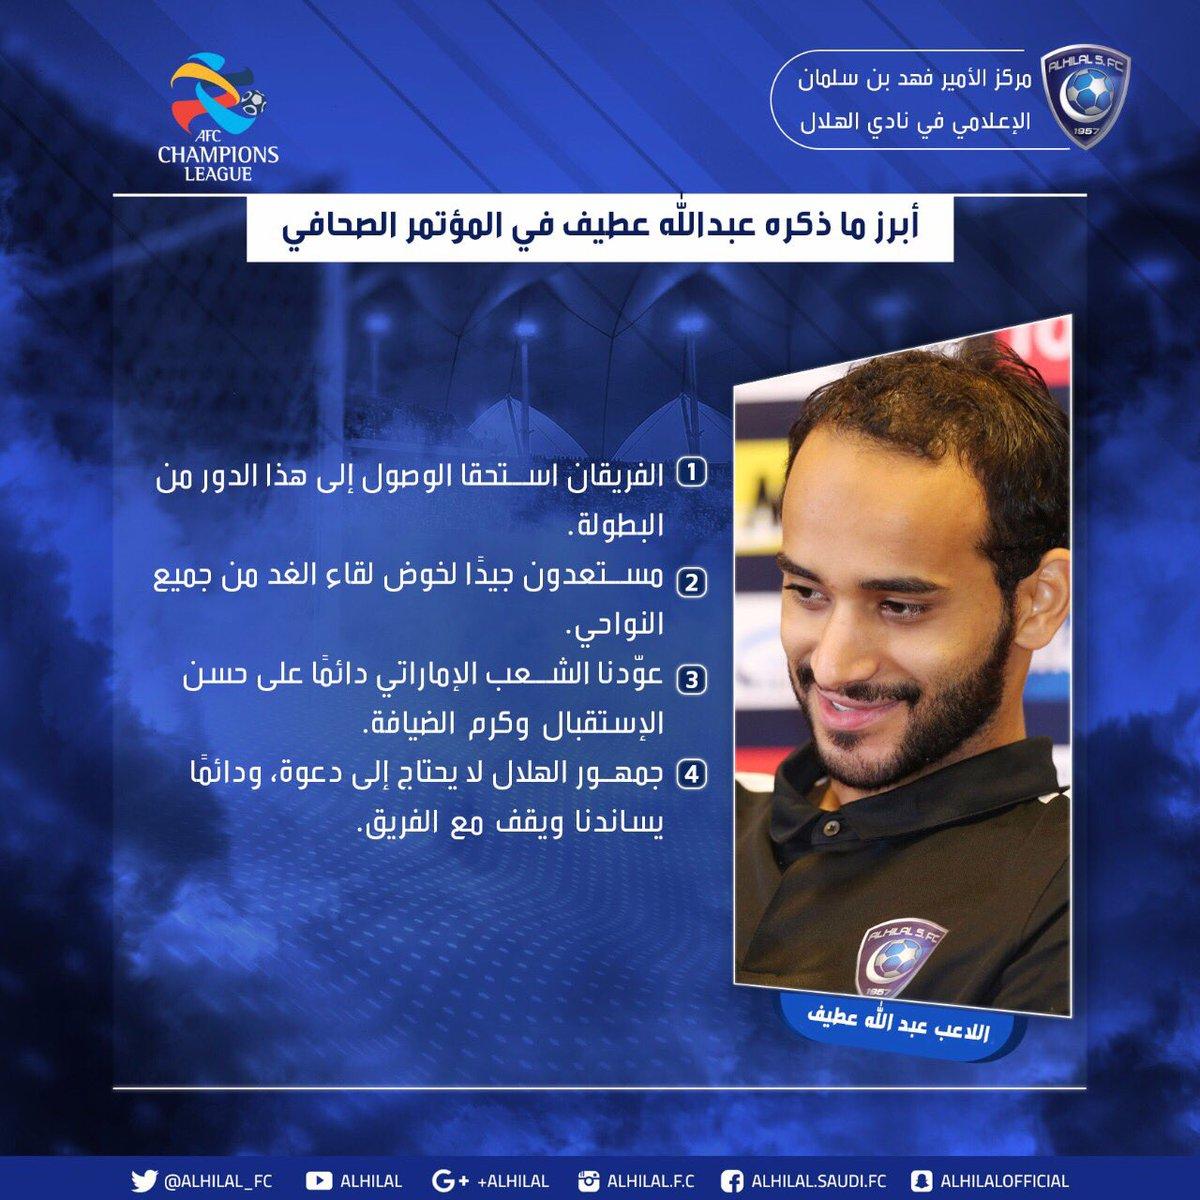 أبرز ماذكره لاعب فريق #الهلال الأول لكرة القدم